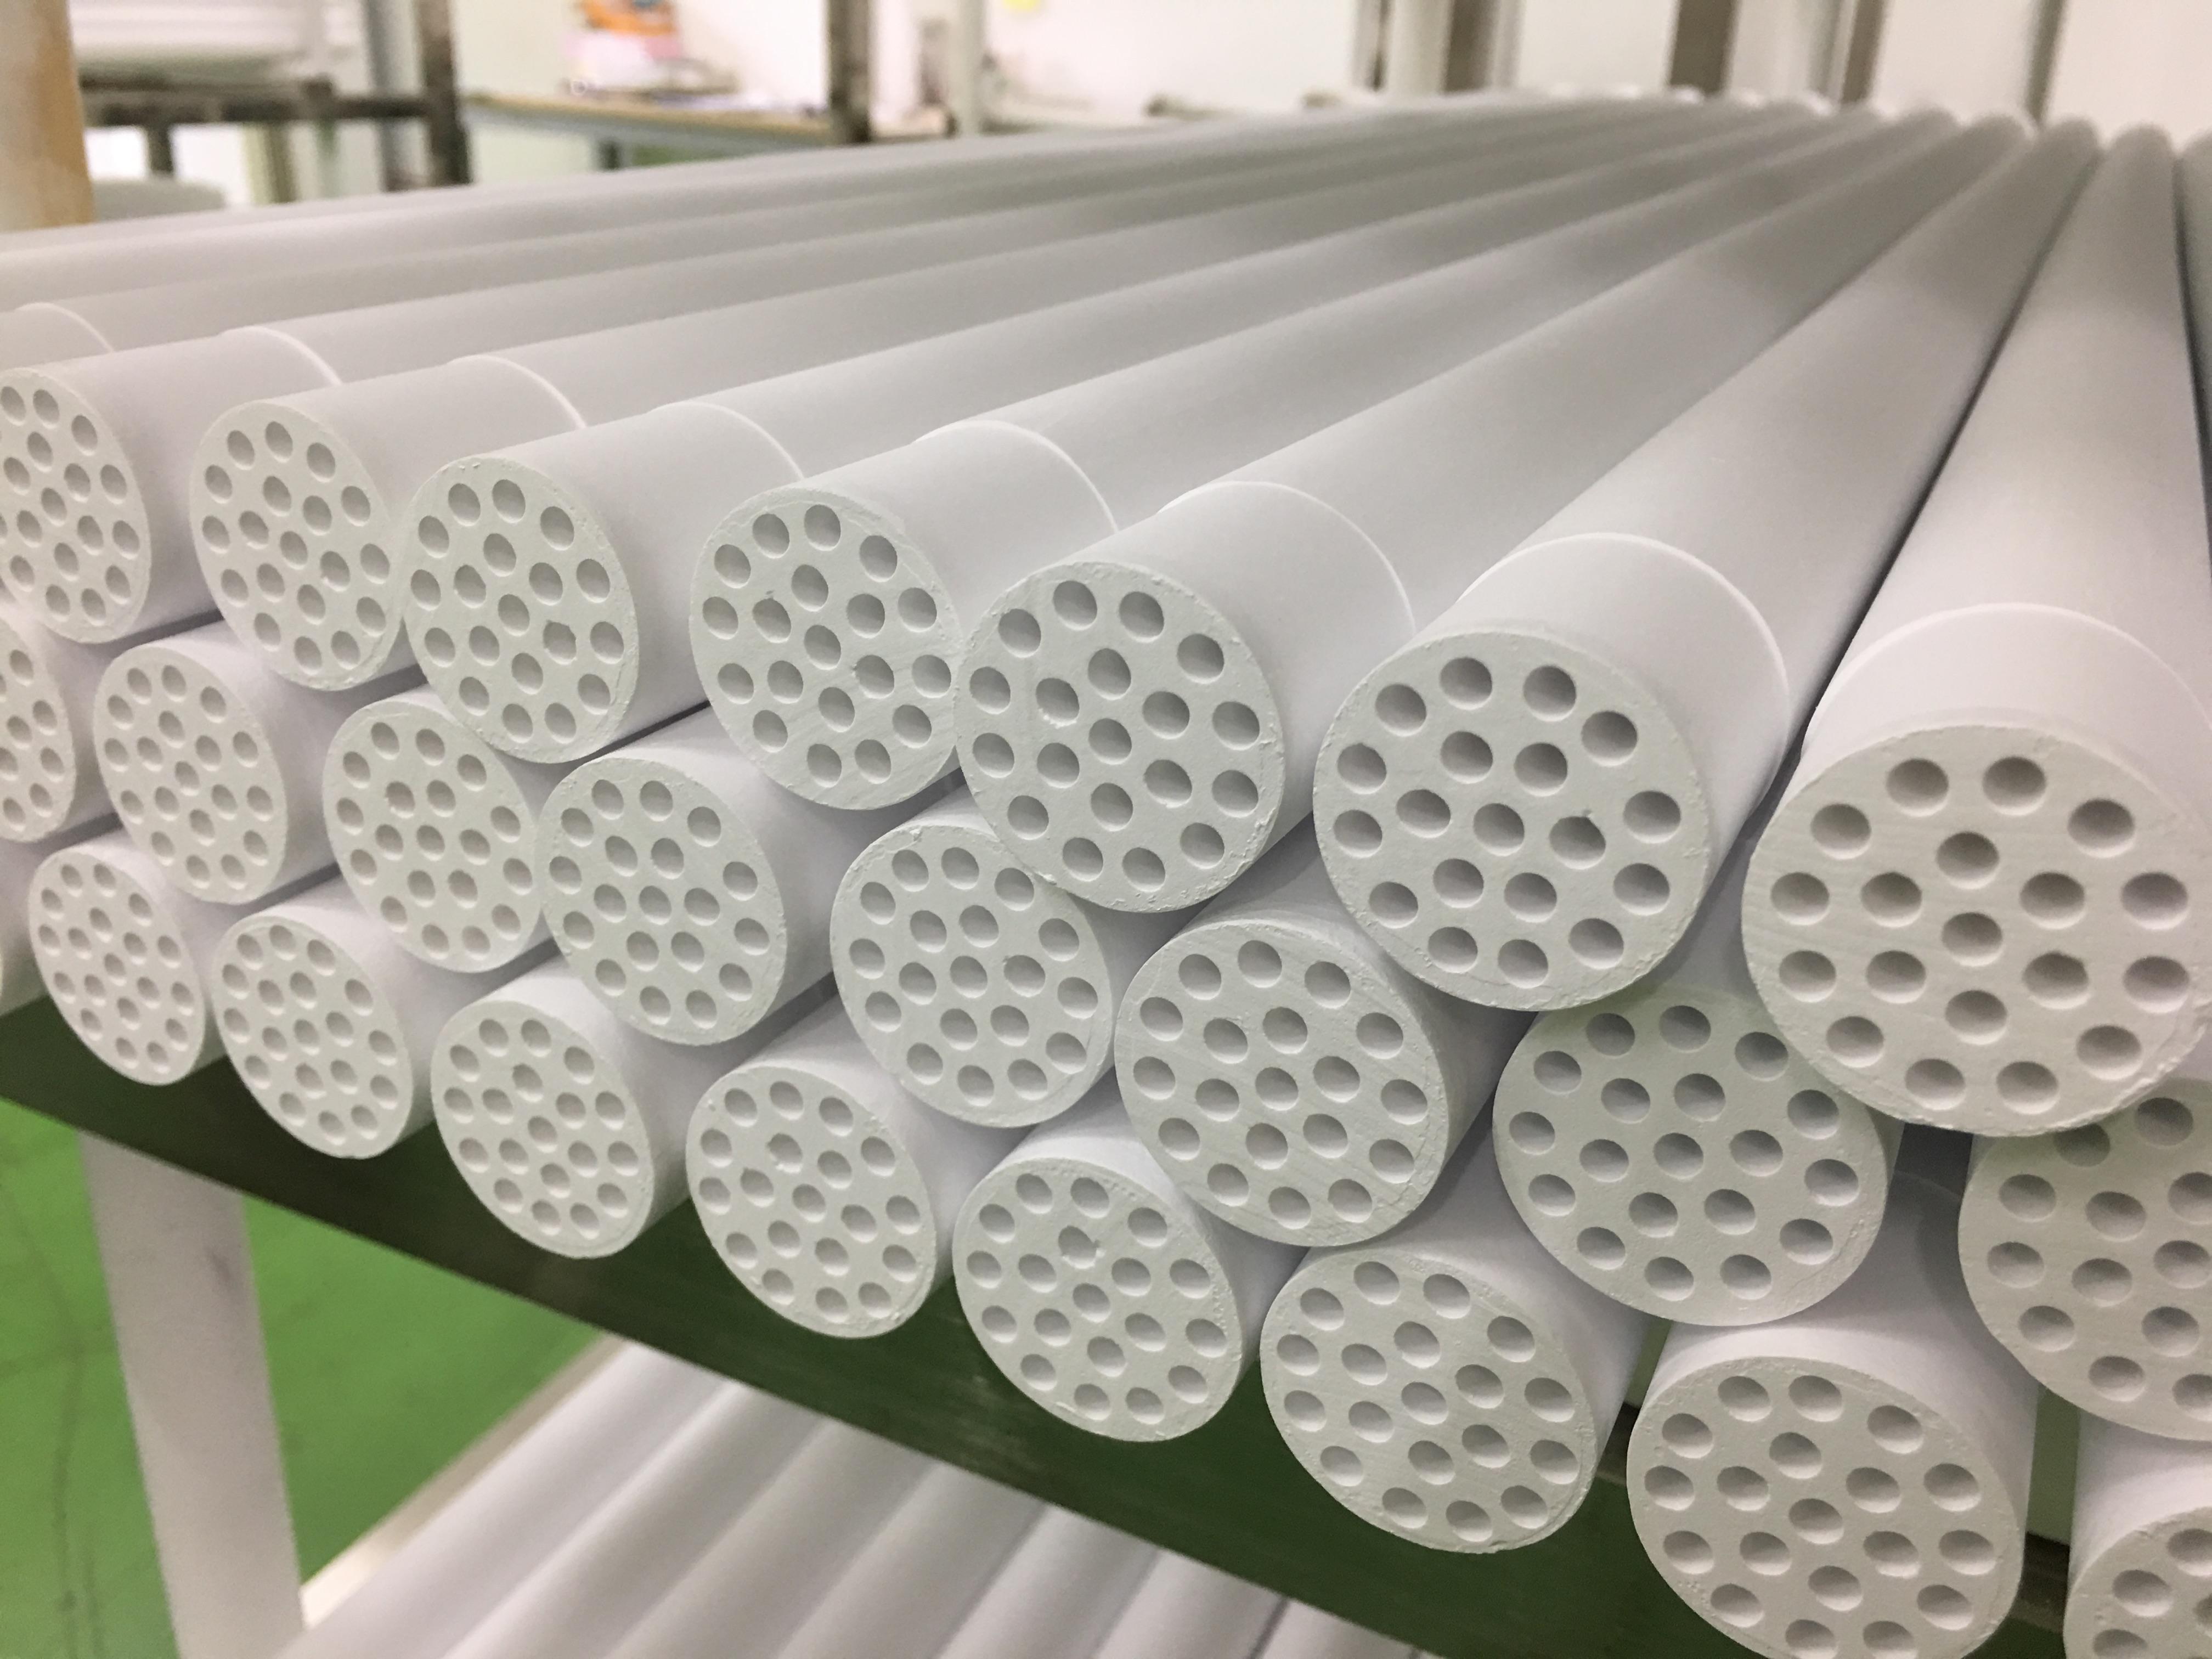 膜分離設備 陶瓷納濾膜 孔徑2nm 無機膜 分離過濾純化濃縮